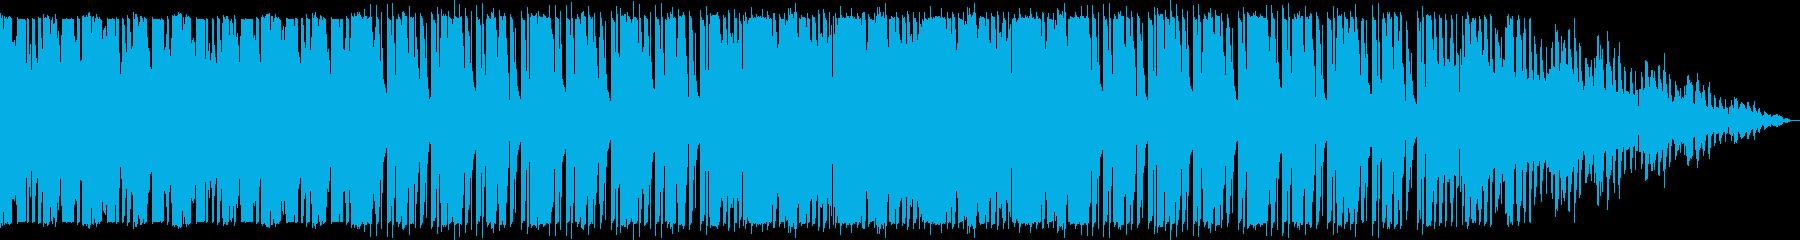 途方に暮れてるようなスローテンポのEDMの再生済みの波形